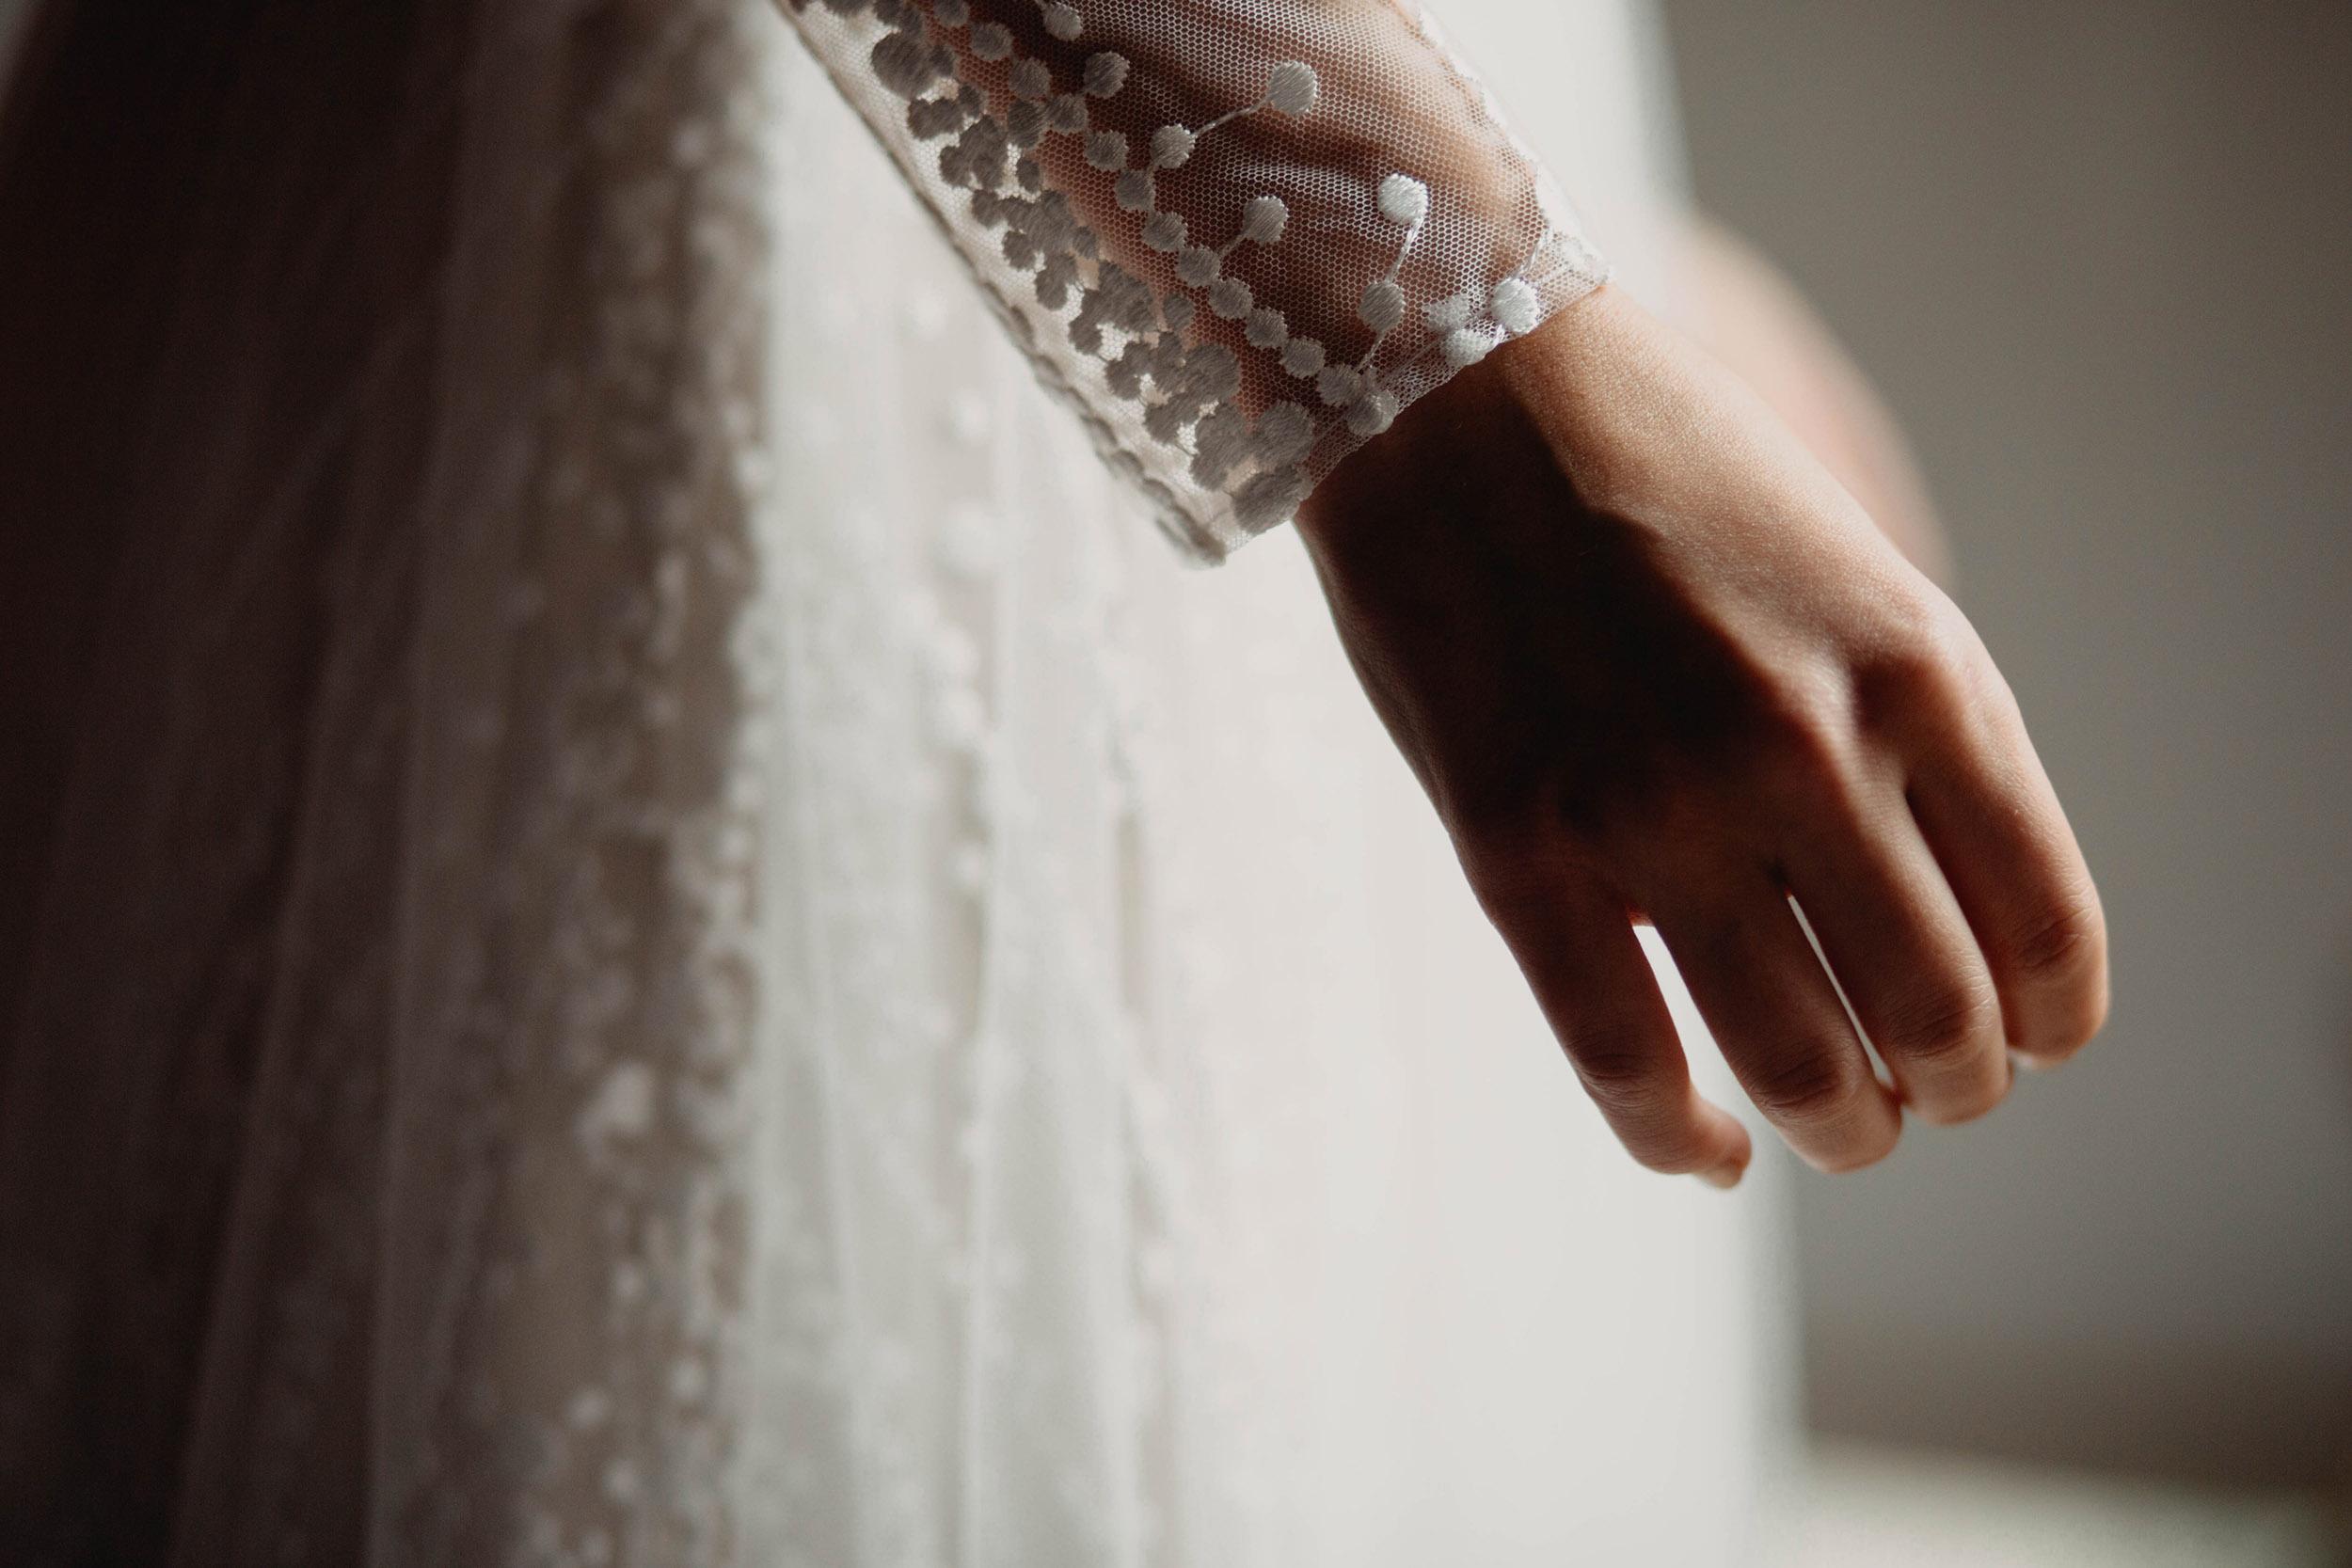 de hand van de bruid tijdens de voorbereidingen